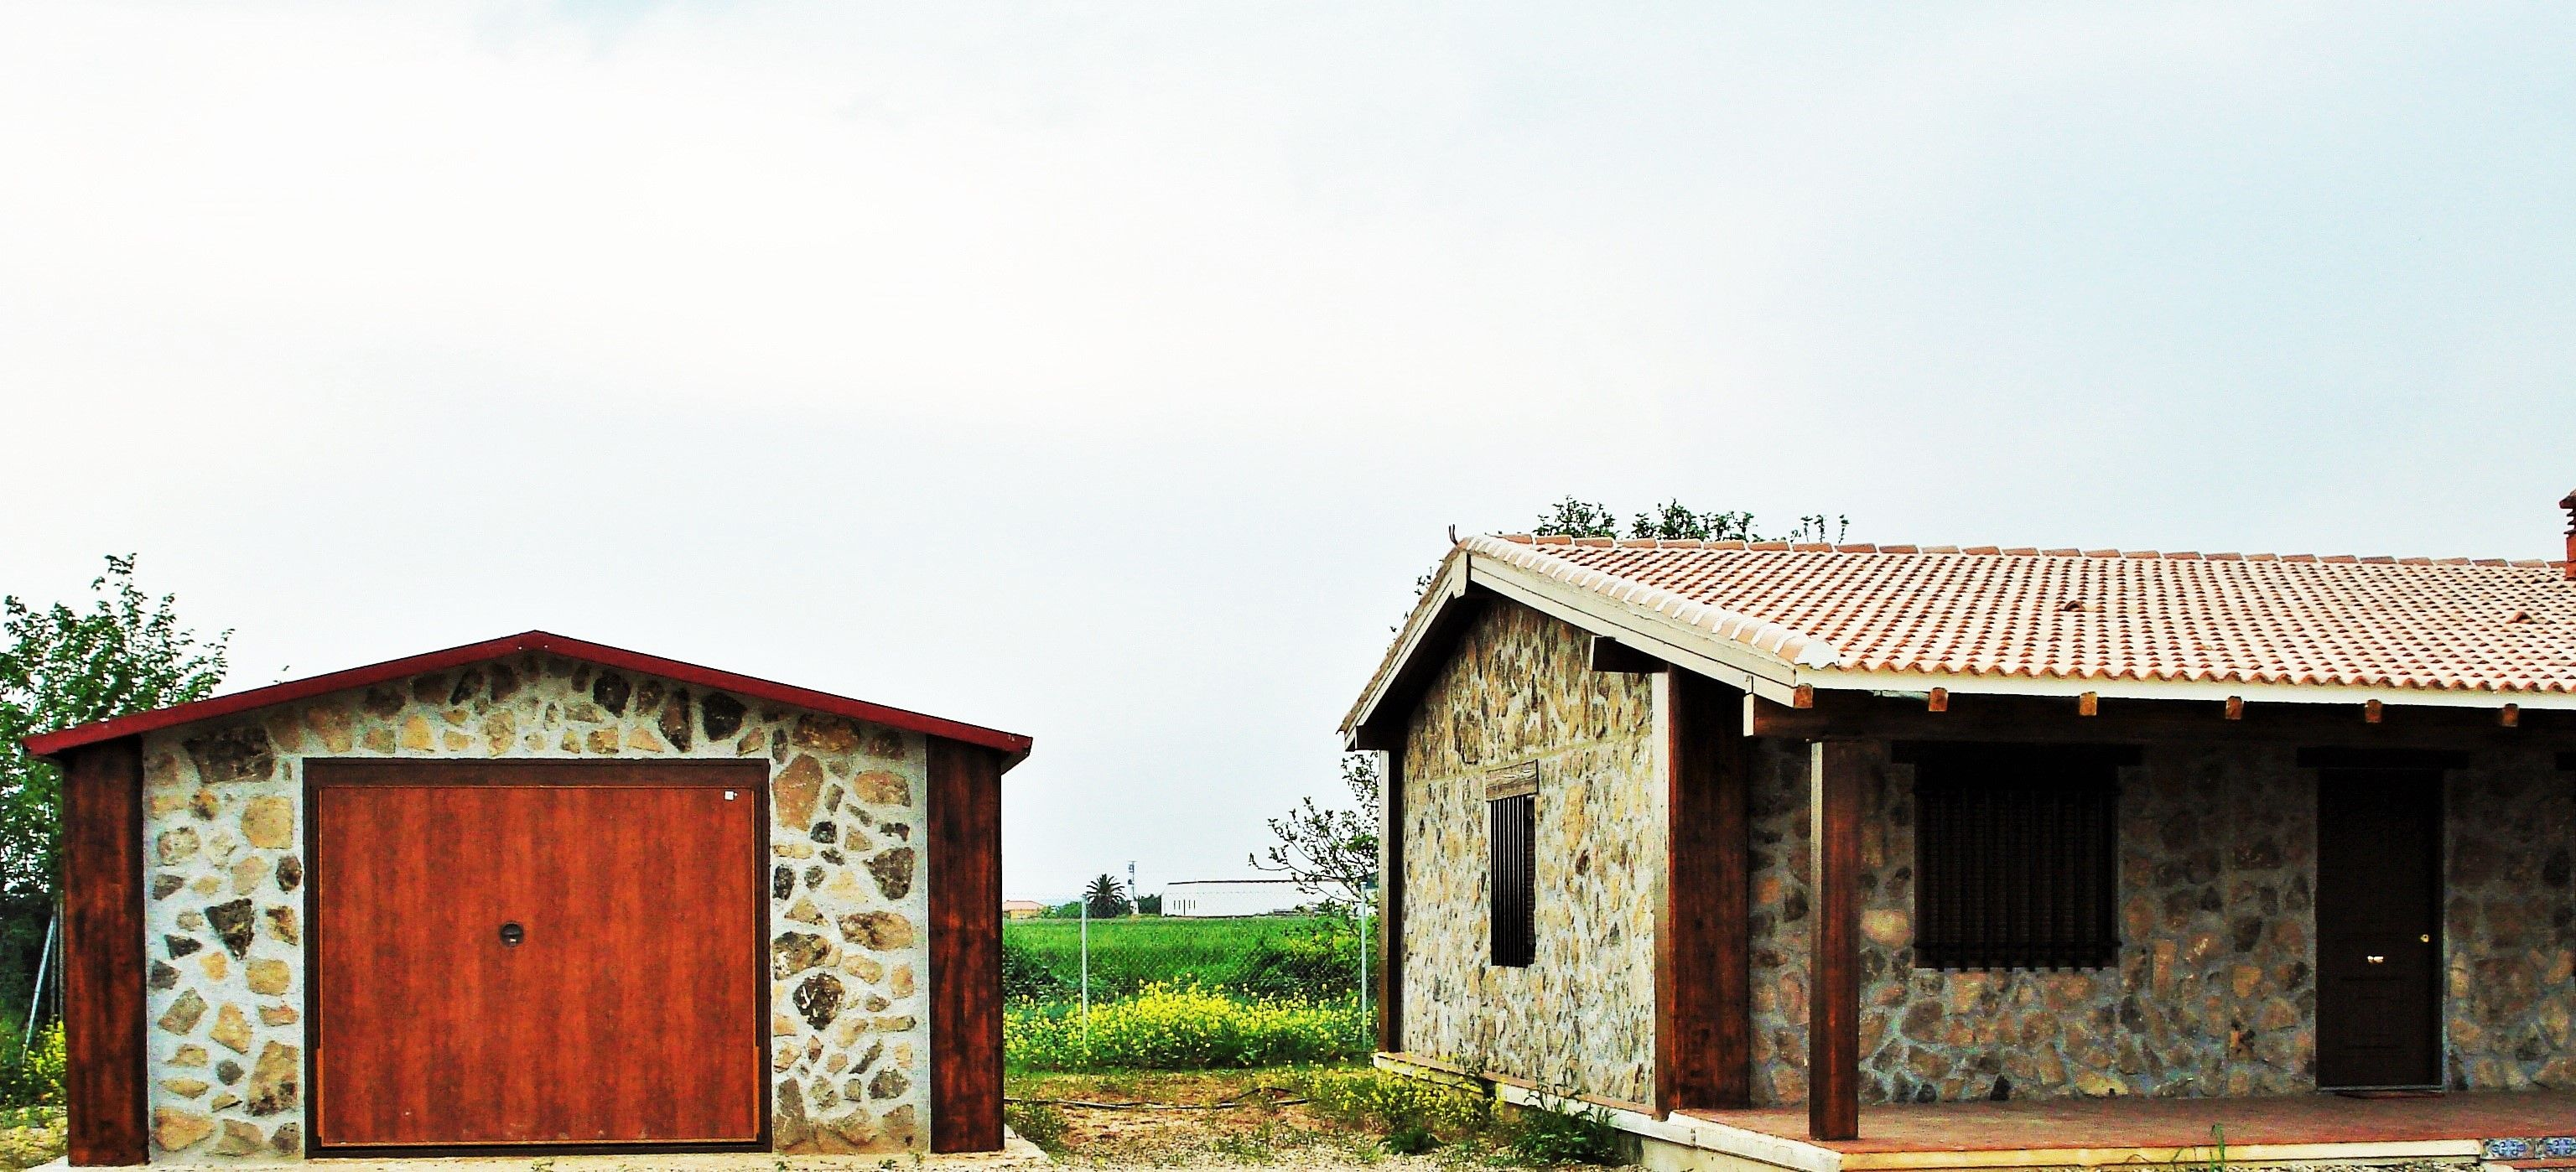 Garaje casa prefabricada - Casas de acero prefabricadas ...